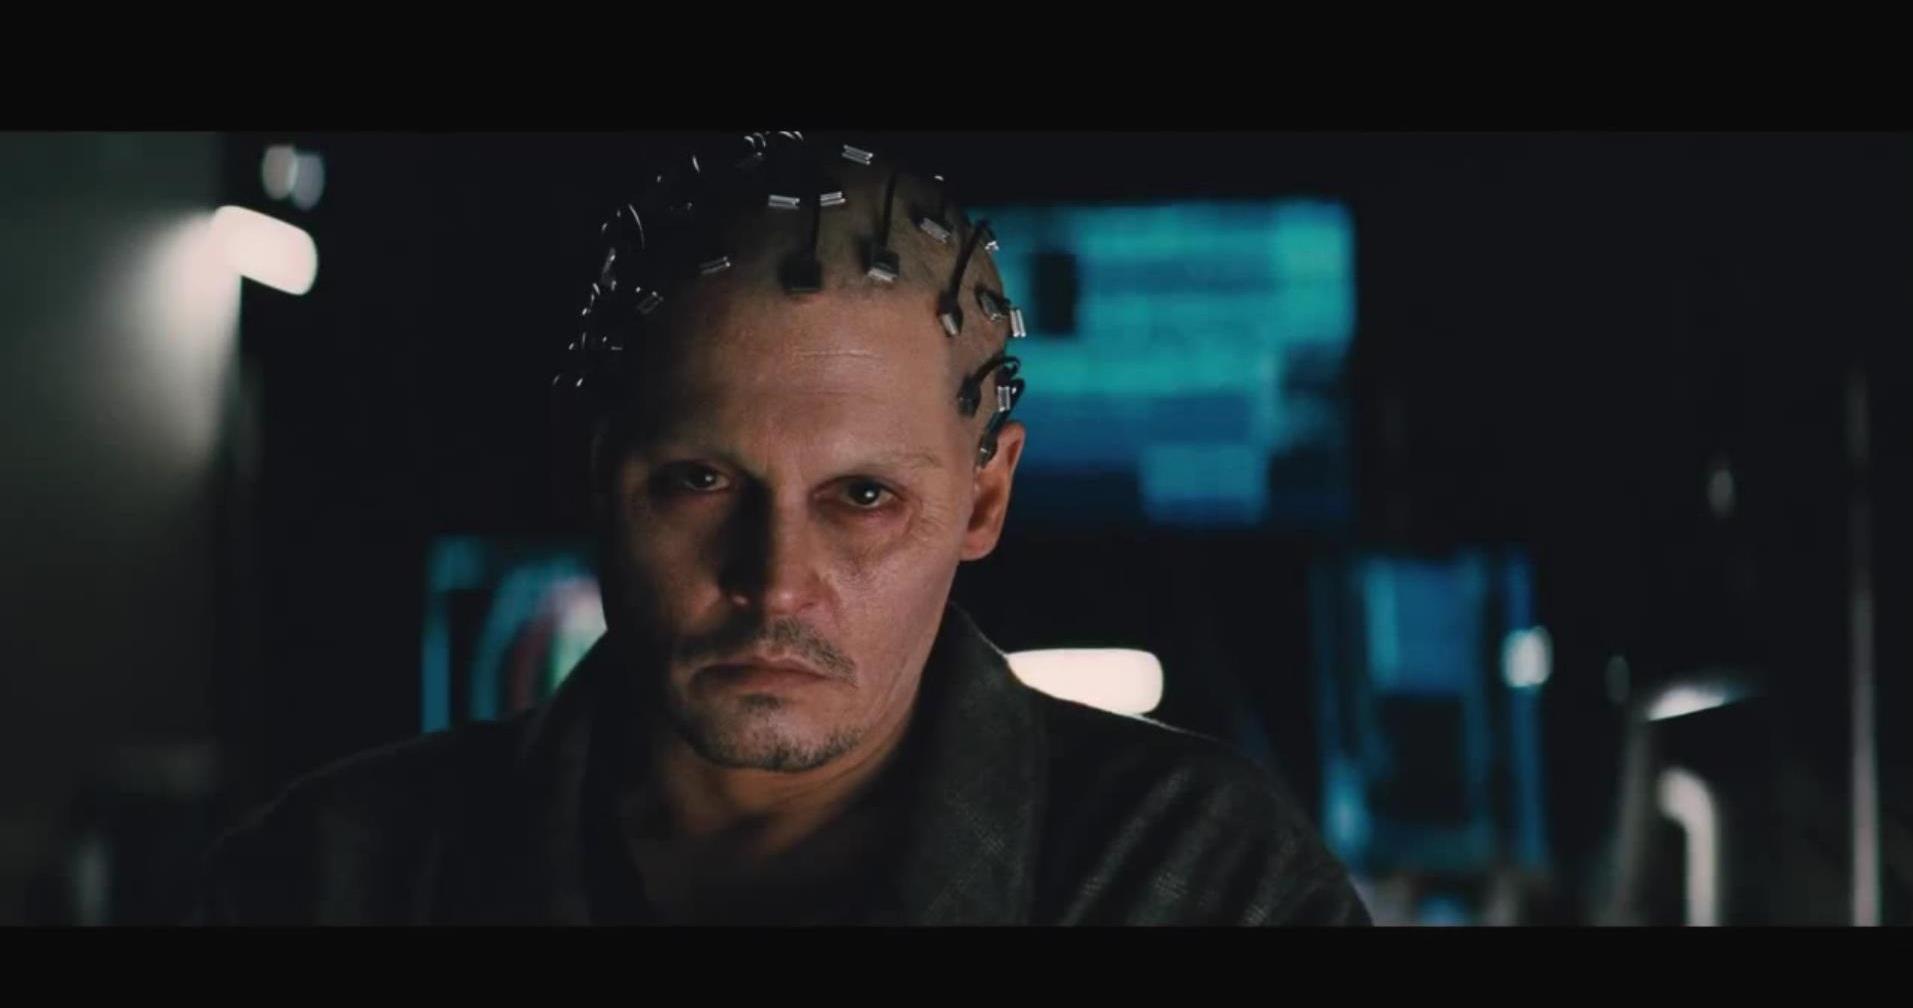 Johnny-Depp-image-johnny-depp-36307237-1913-1008